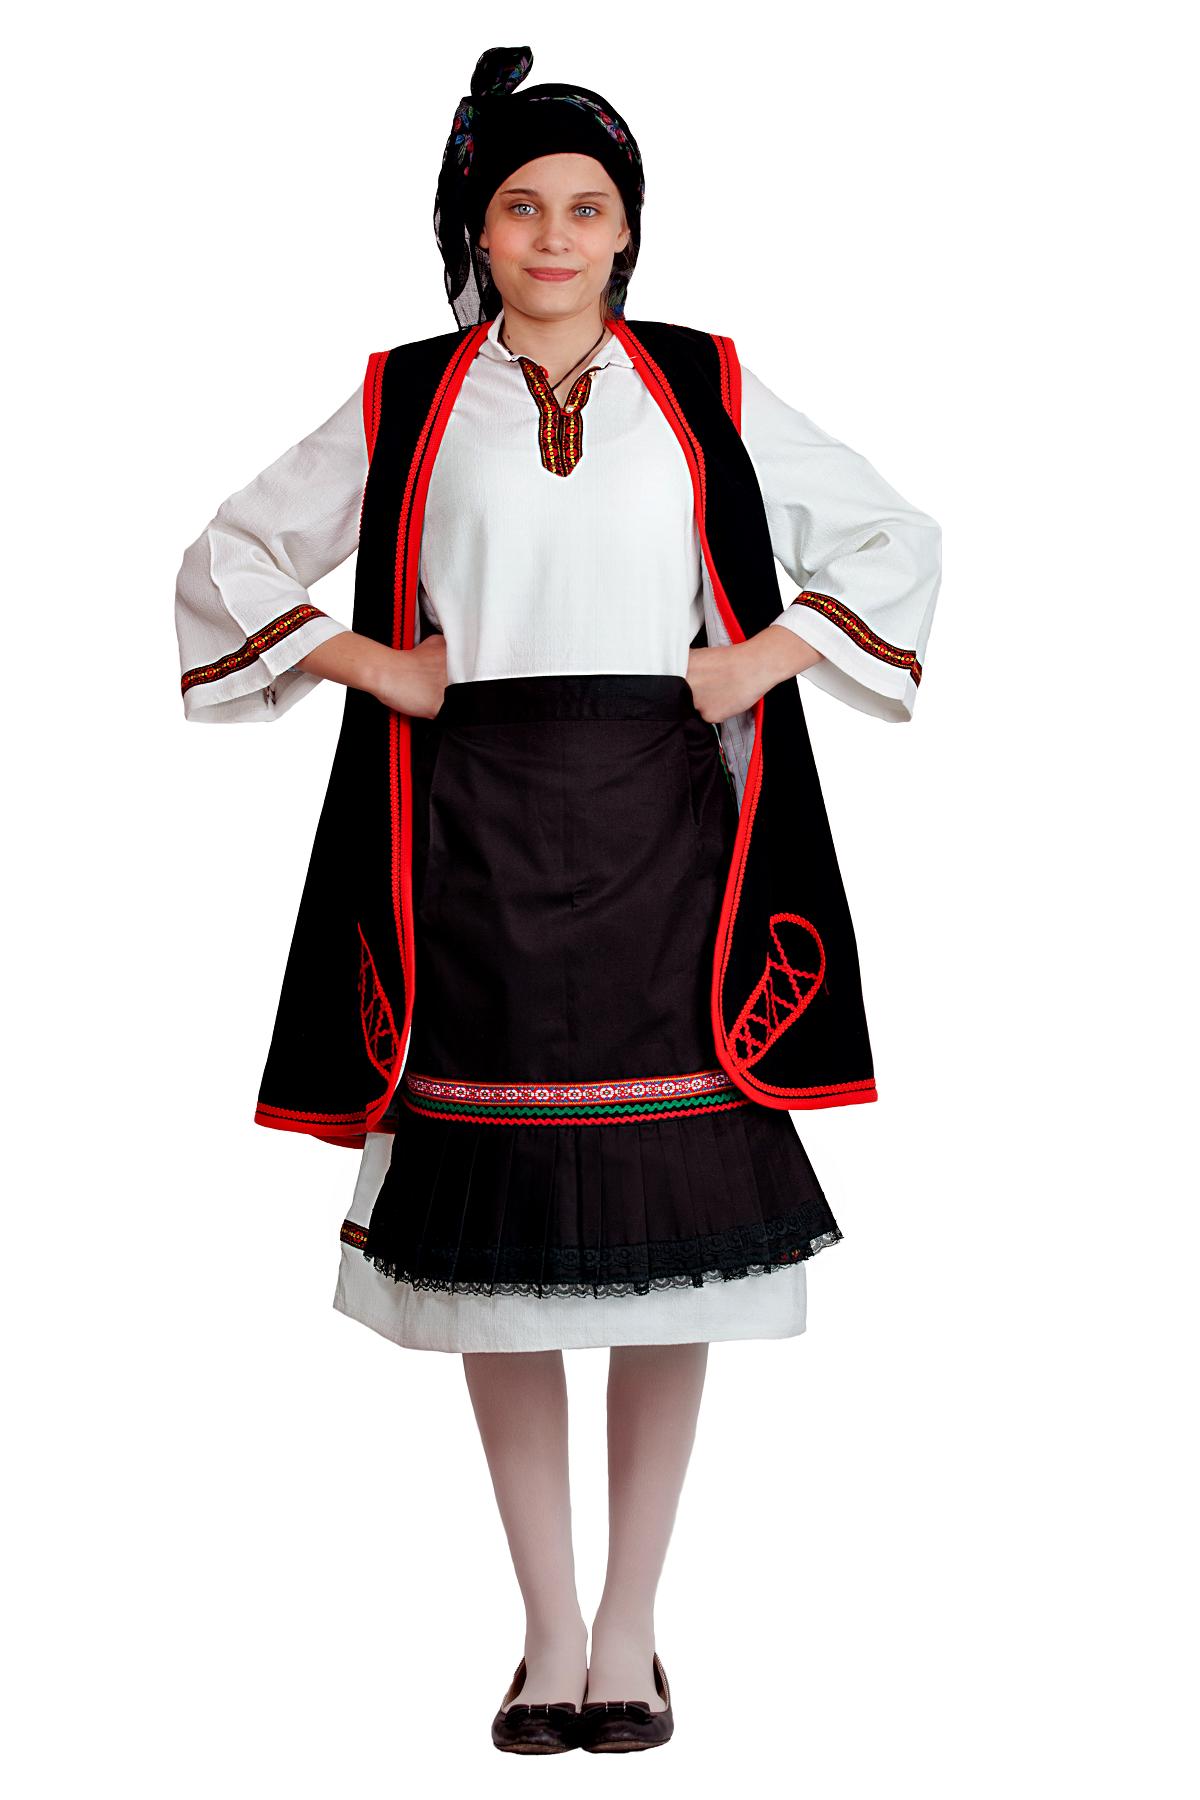 Παραδοσιακη στολη Ηπειρωτισσας No12-14